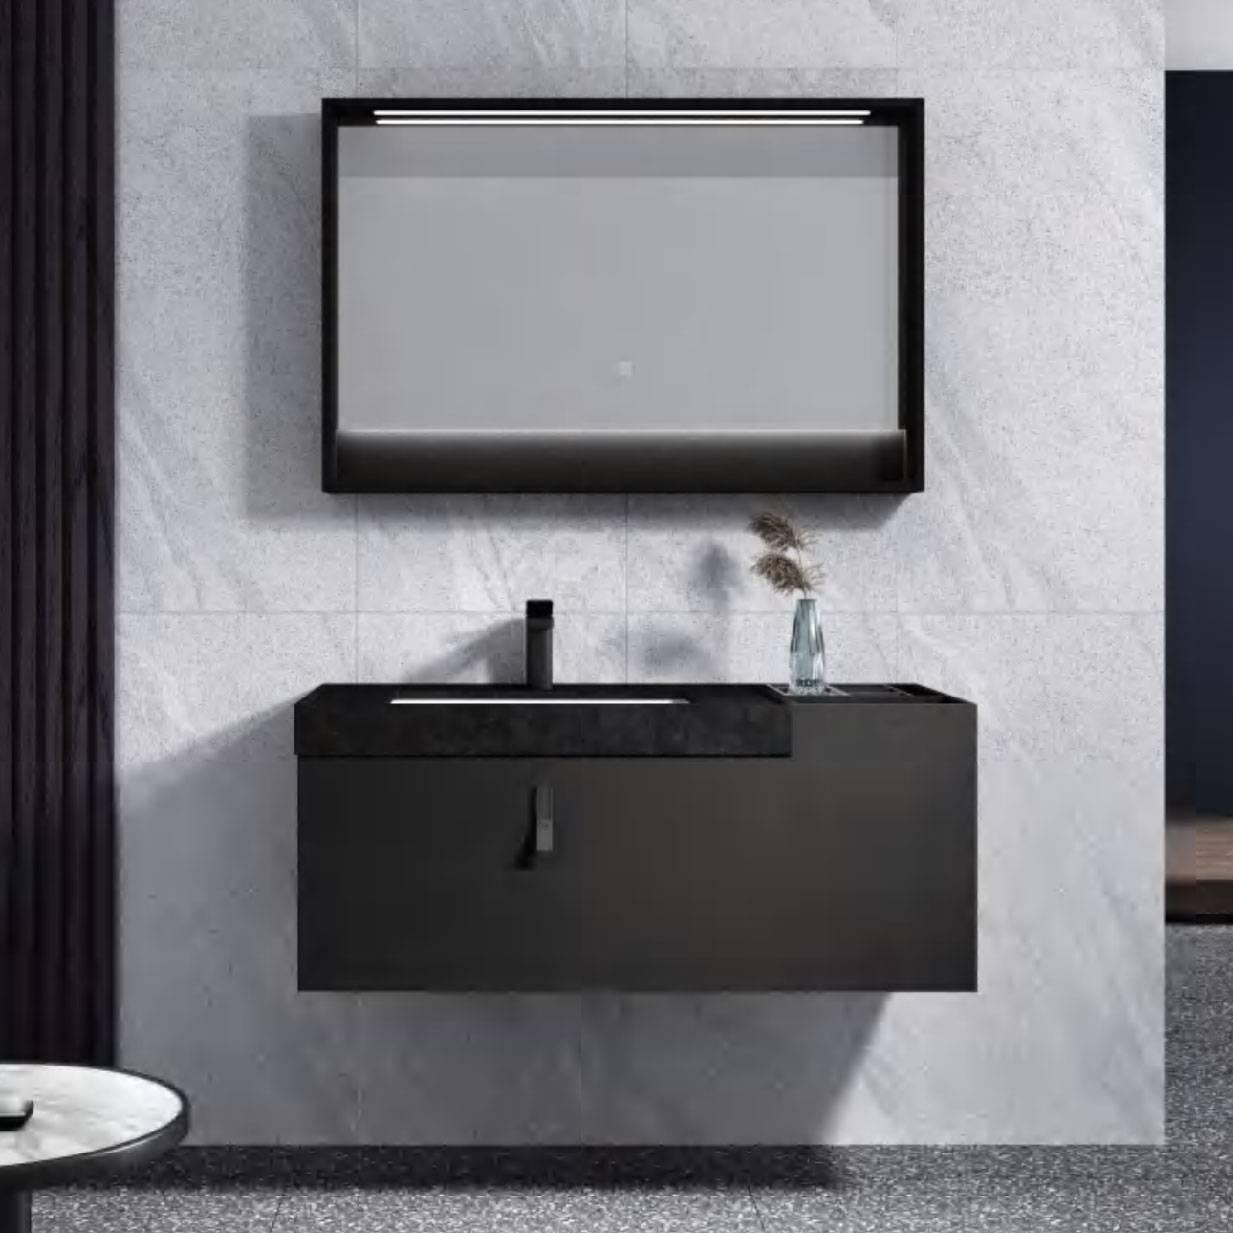 浴室柜Cicely西西里 PY26211(定制交期图纸签字确认后60天) 购买浴室柜不含龙头与下水